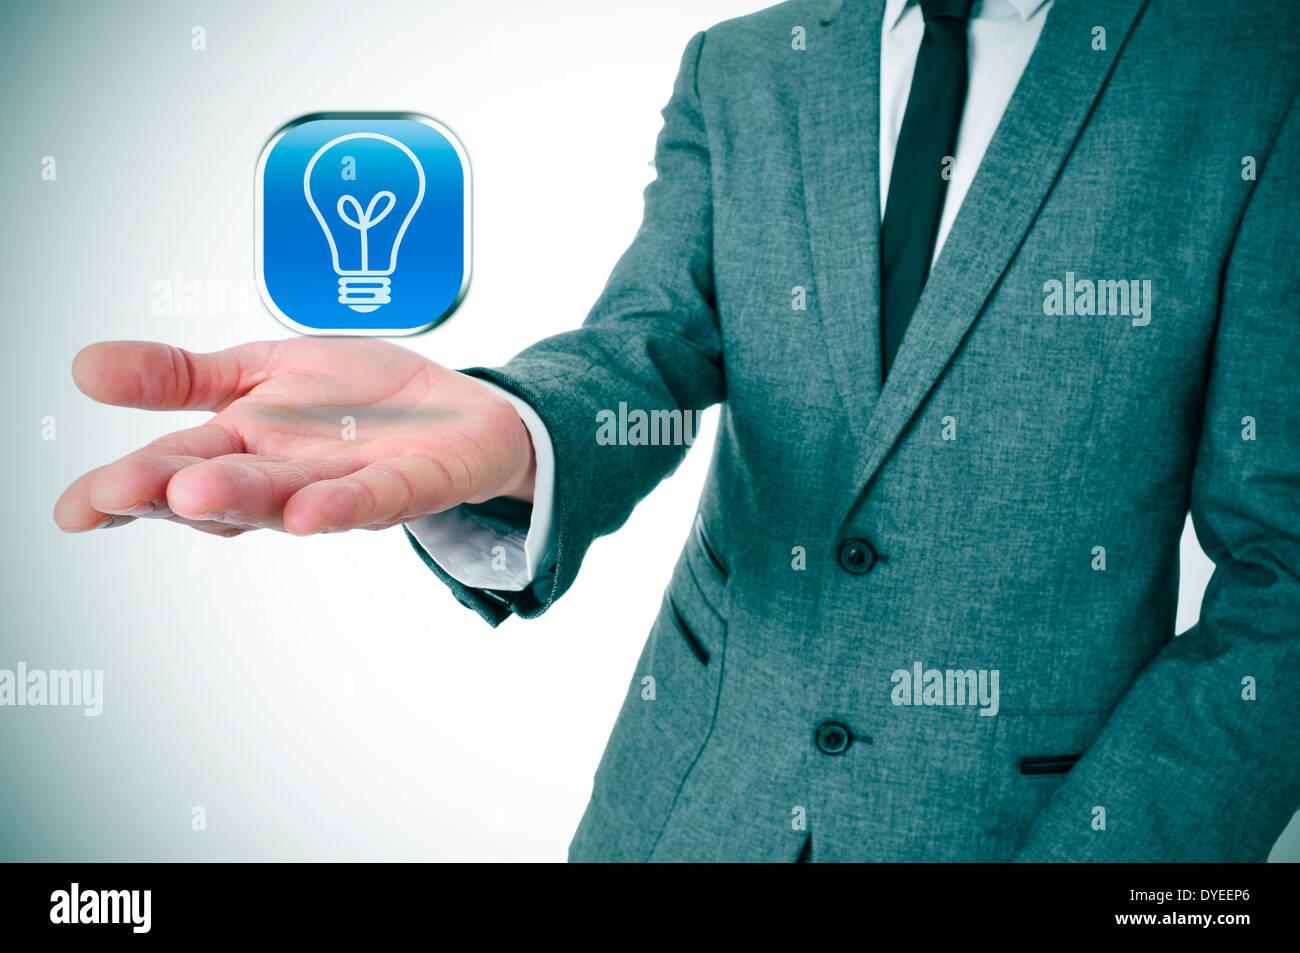 Un homme portant un costume avec une icône avec une ampoule dans la main Photo Stock